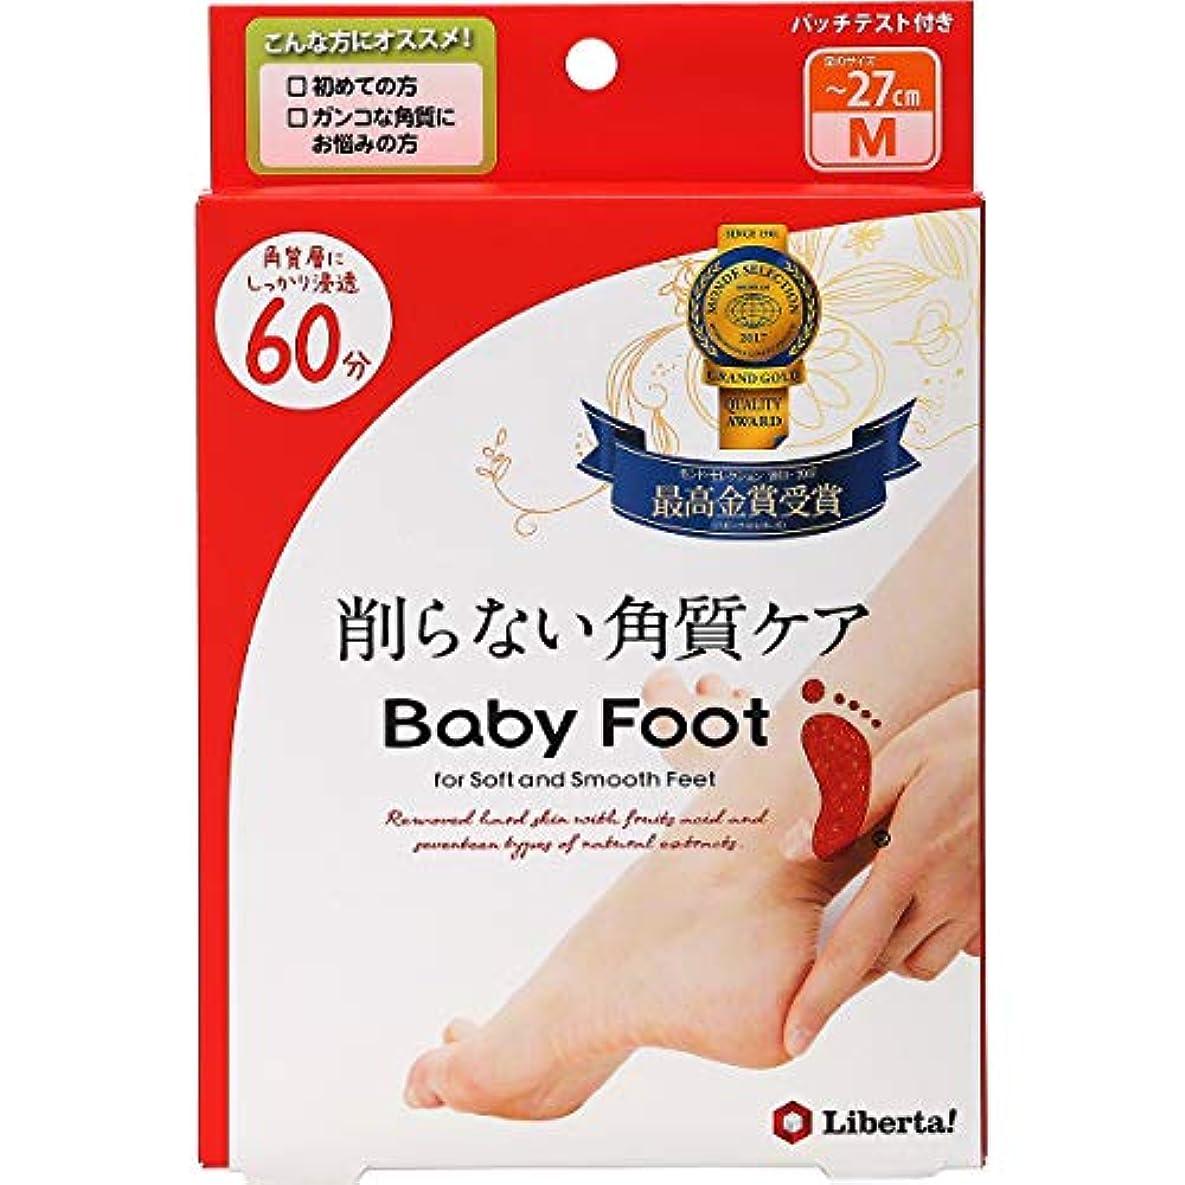 コールド郡くまベビーフット (Baby Foot) ベビーフット イージーパック SPT60分タイプ Mサイズ 単品